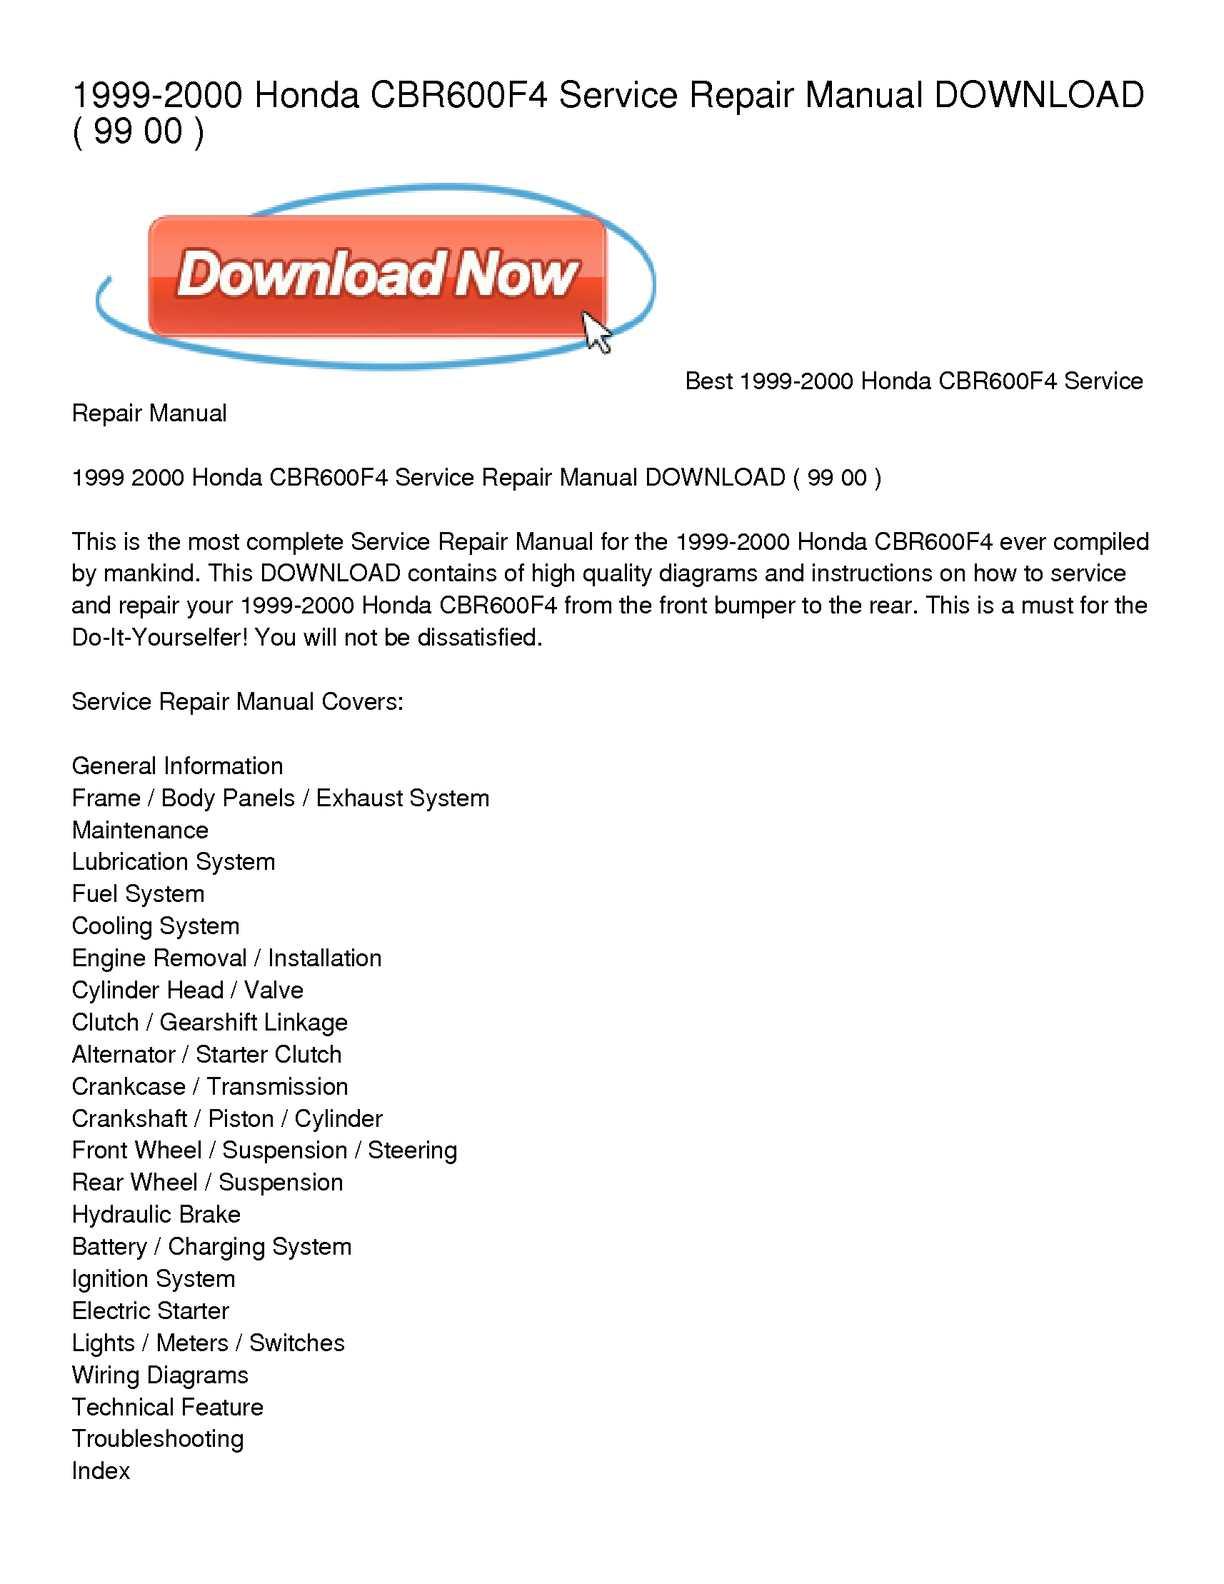 1999-2000 honda cbr600f4 service repair manual download